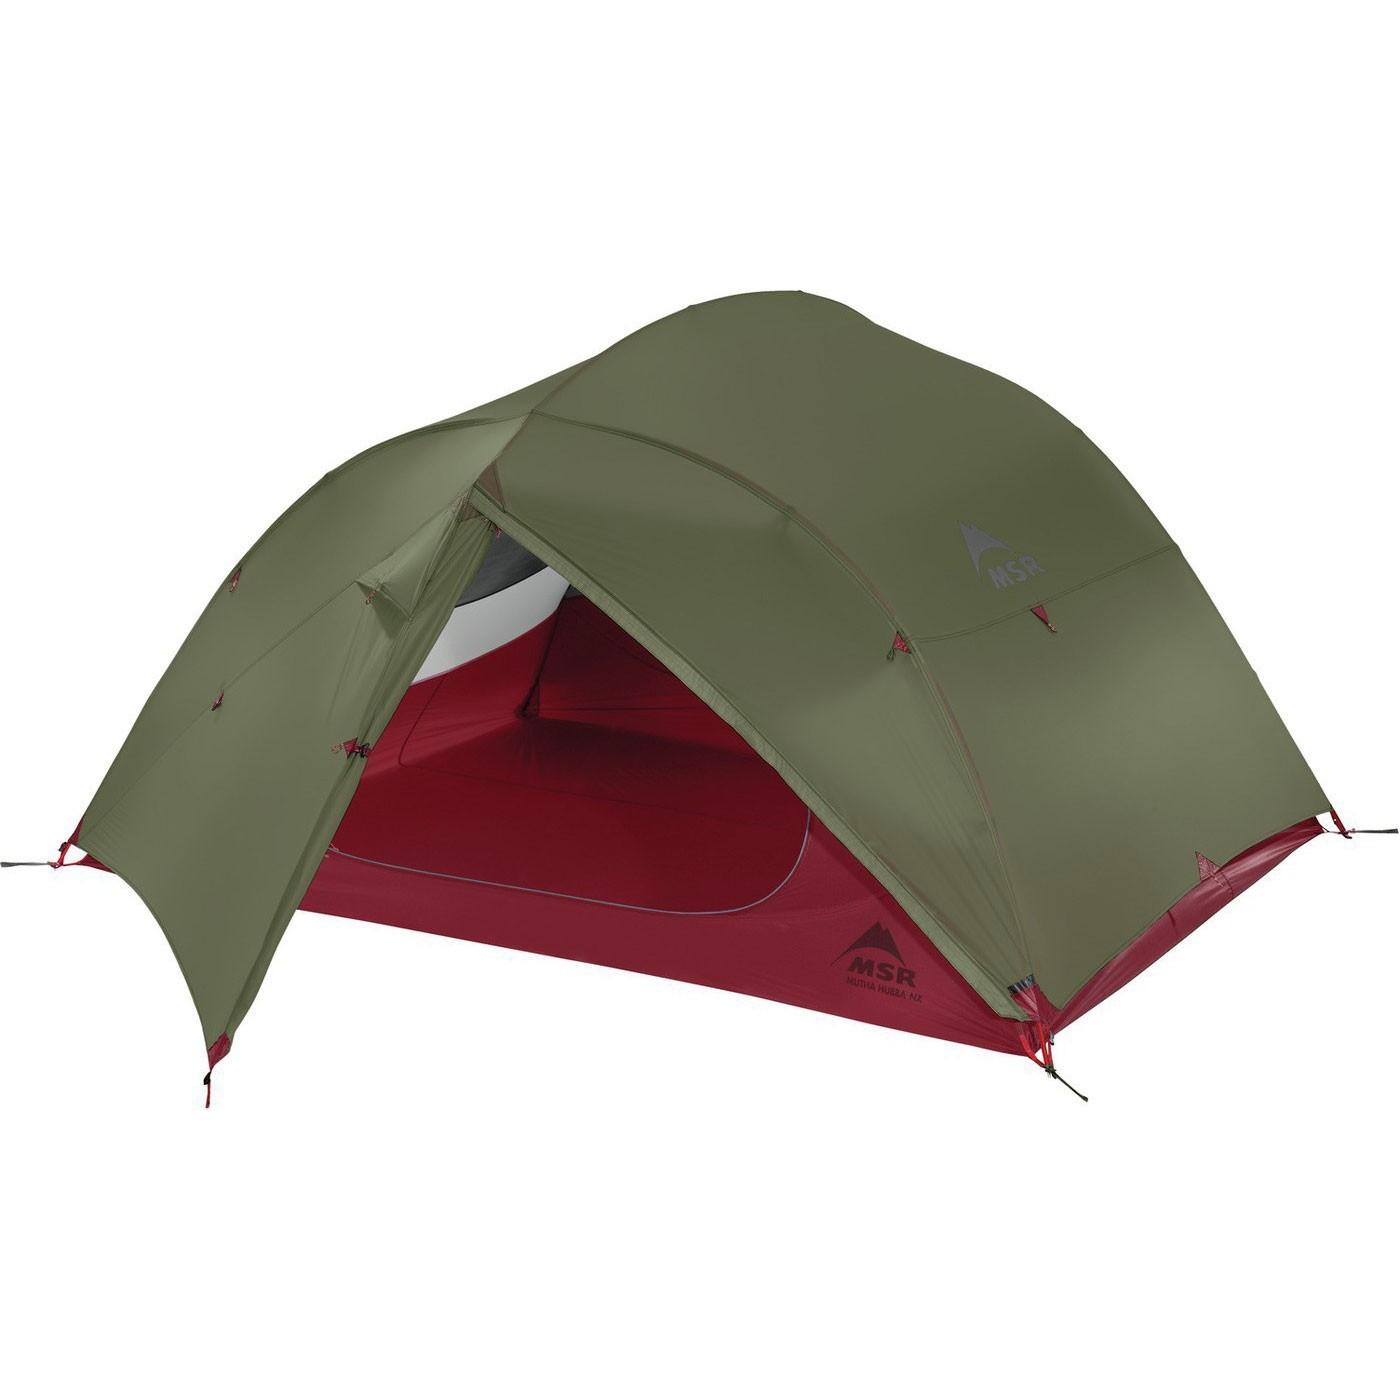 MSR Mutha Hubba NX 3-person Tent - Green